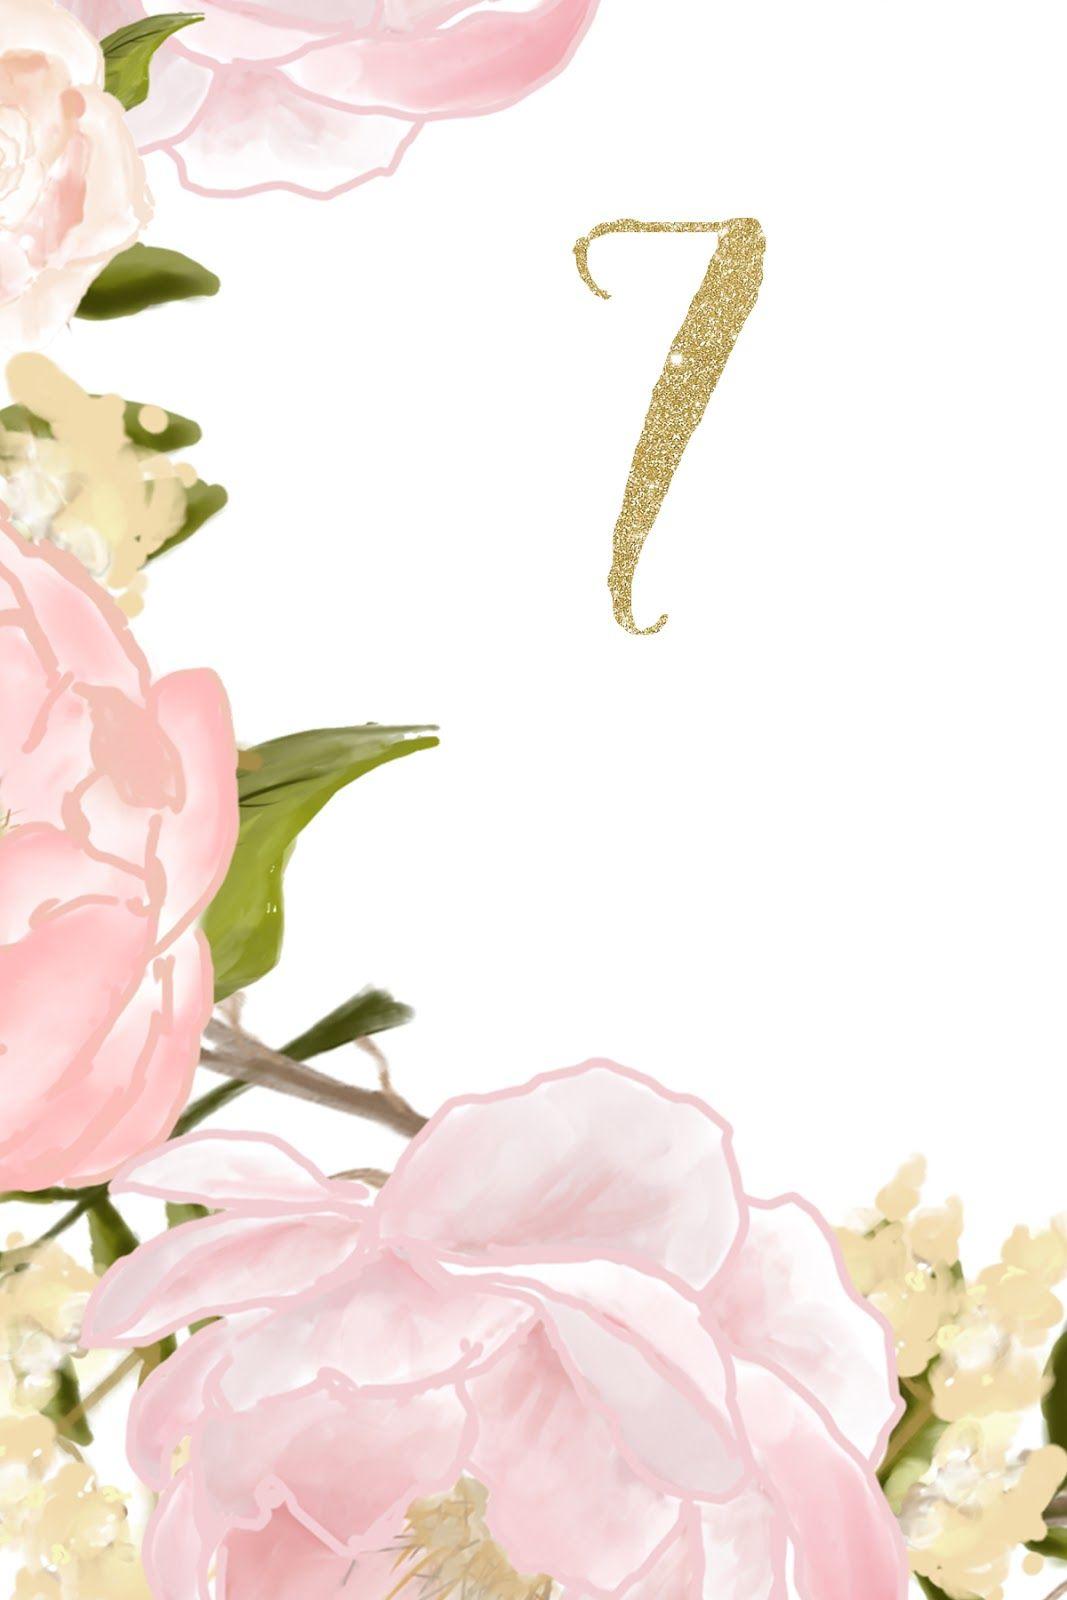 Flores En Rosa Números Para Mesas De Boda Para Imprimir Gratis Boda Para Imprimir Gratis Numeros Para Mesas Mesas De Boda